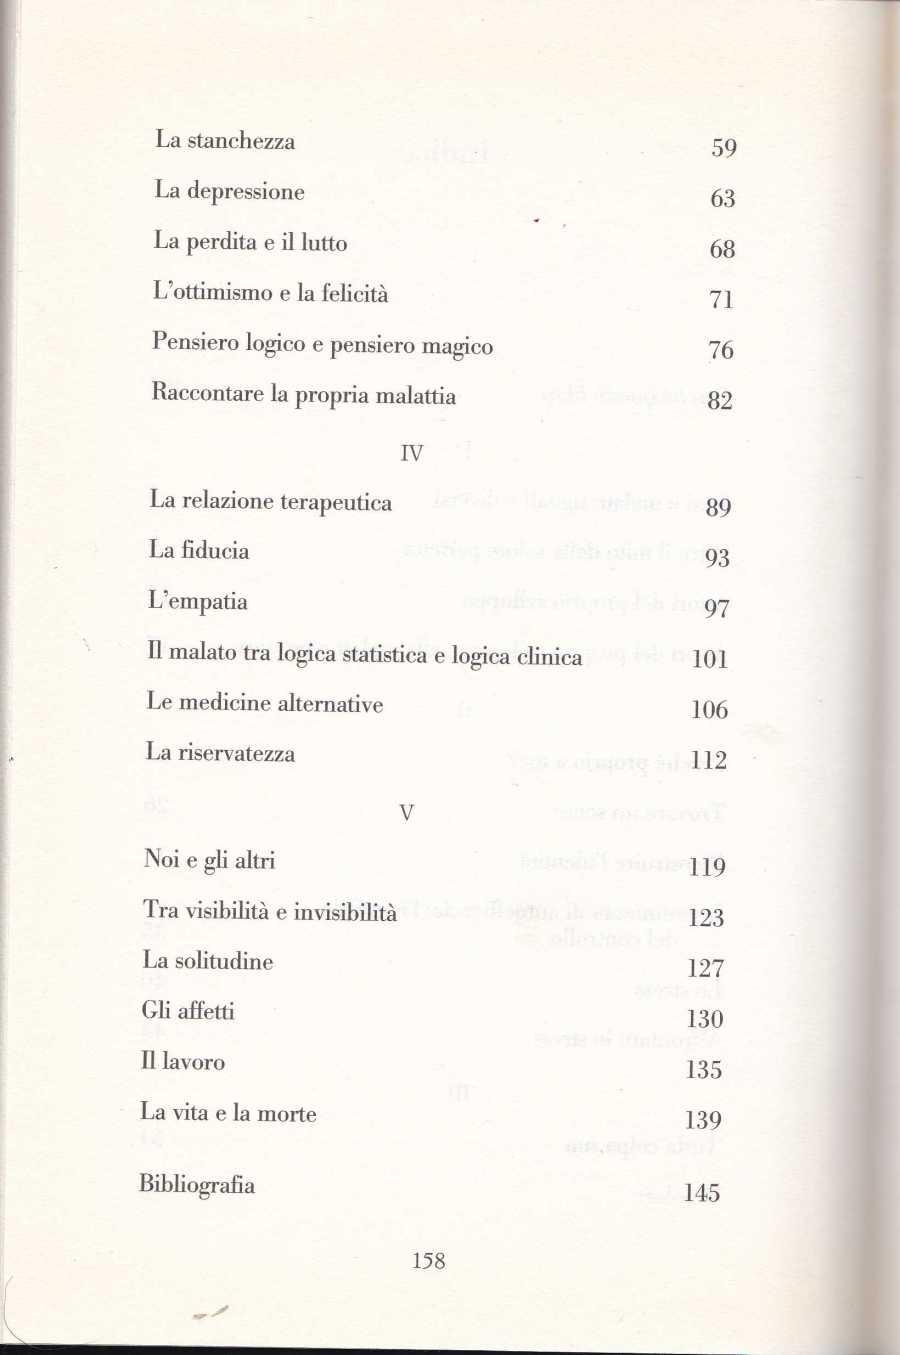 silvia bonino2677